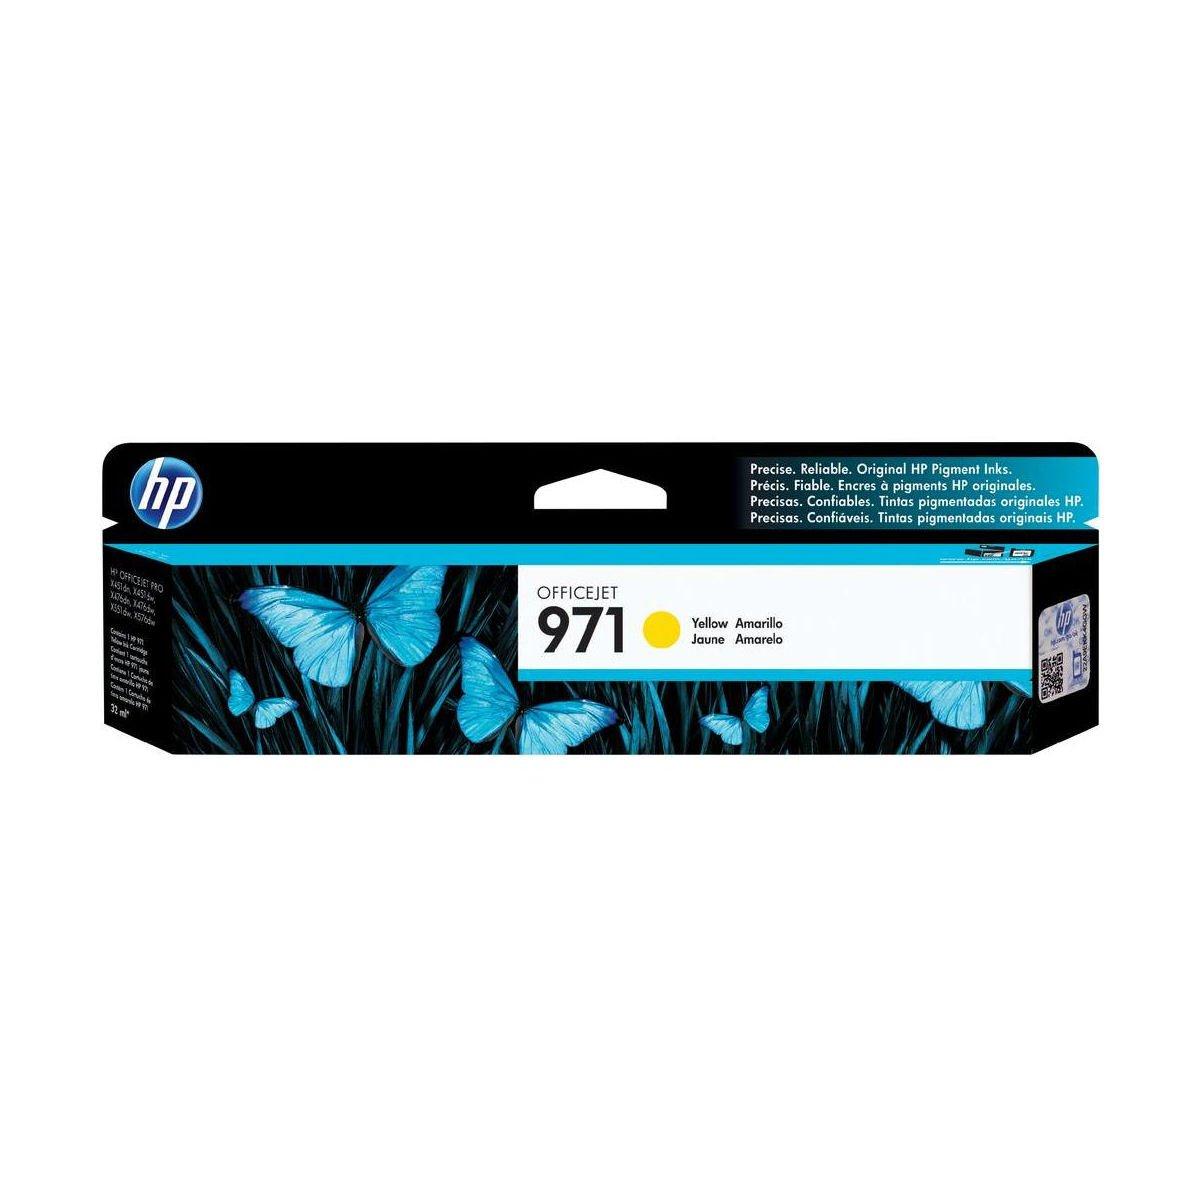 Hewlett Packard HP 971 Officejet Inkjet Cartridge Page Life 2500pp Yellow Ref CN624AE